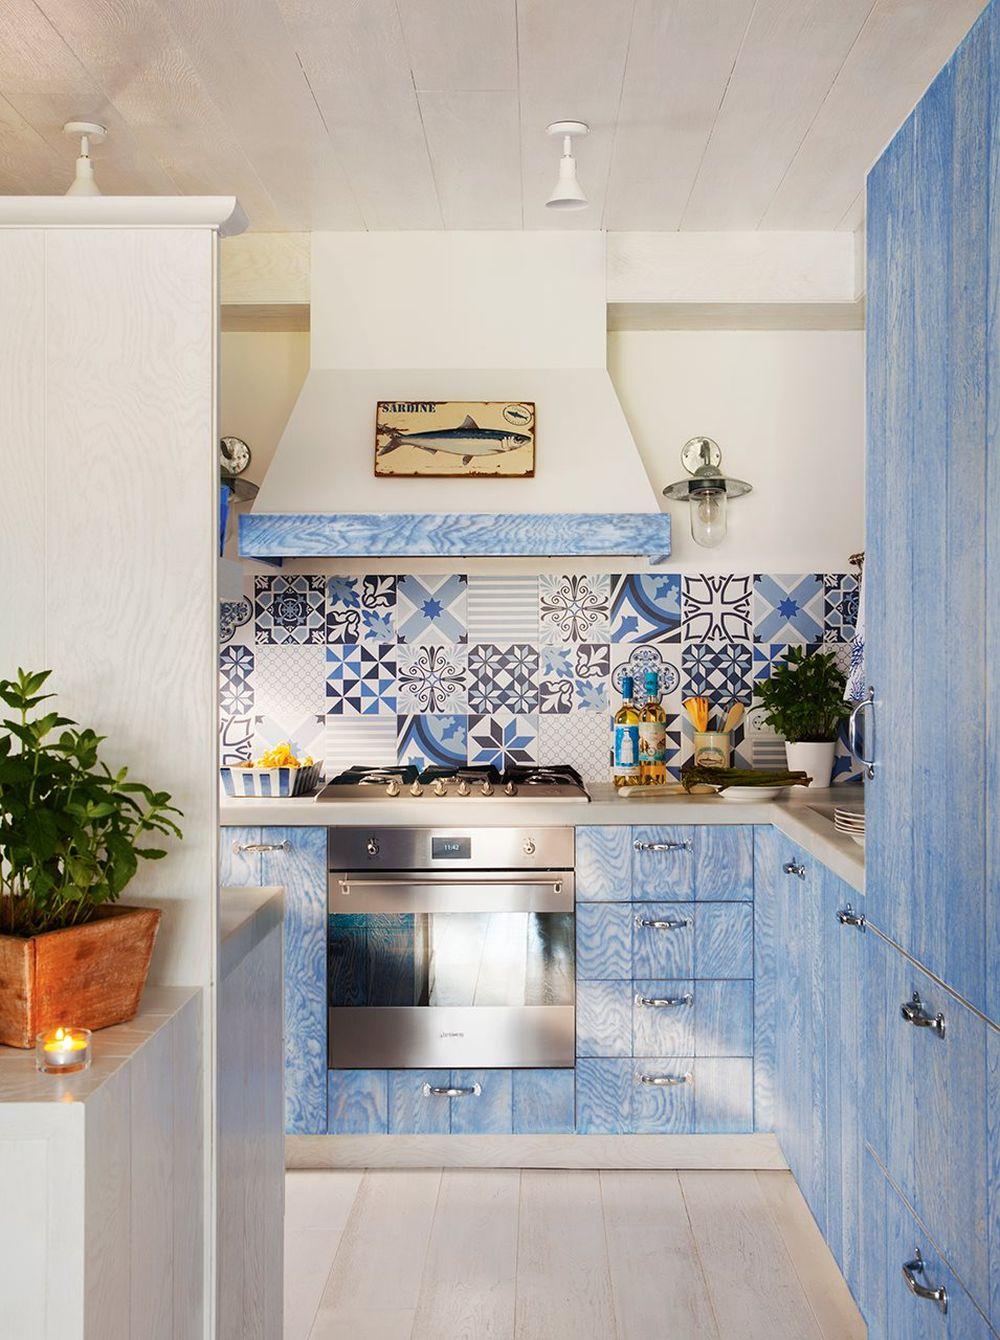 adelaparvu.com despre apartament 95 mp, Barcelona, designer Gemma Gallego, Foto ElMueble, Pepa Oromi (4)